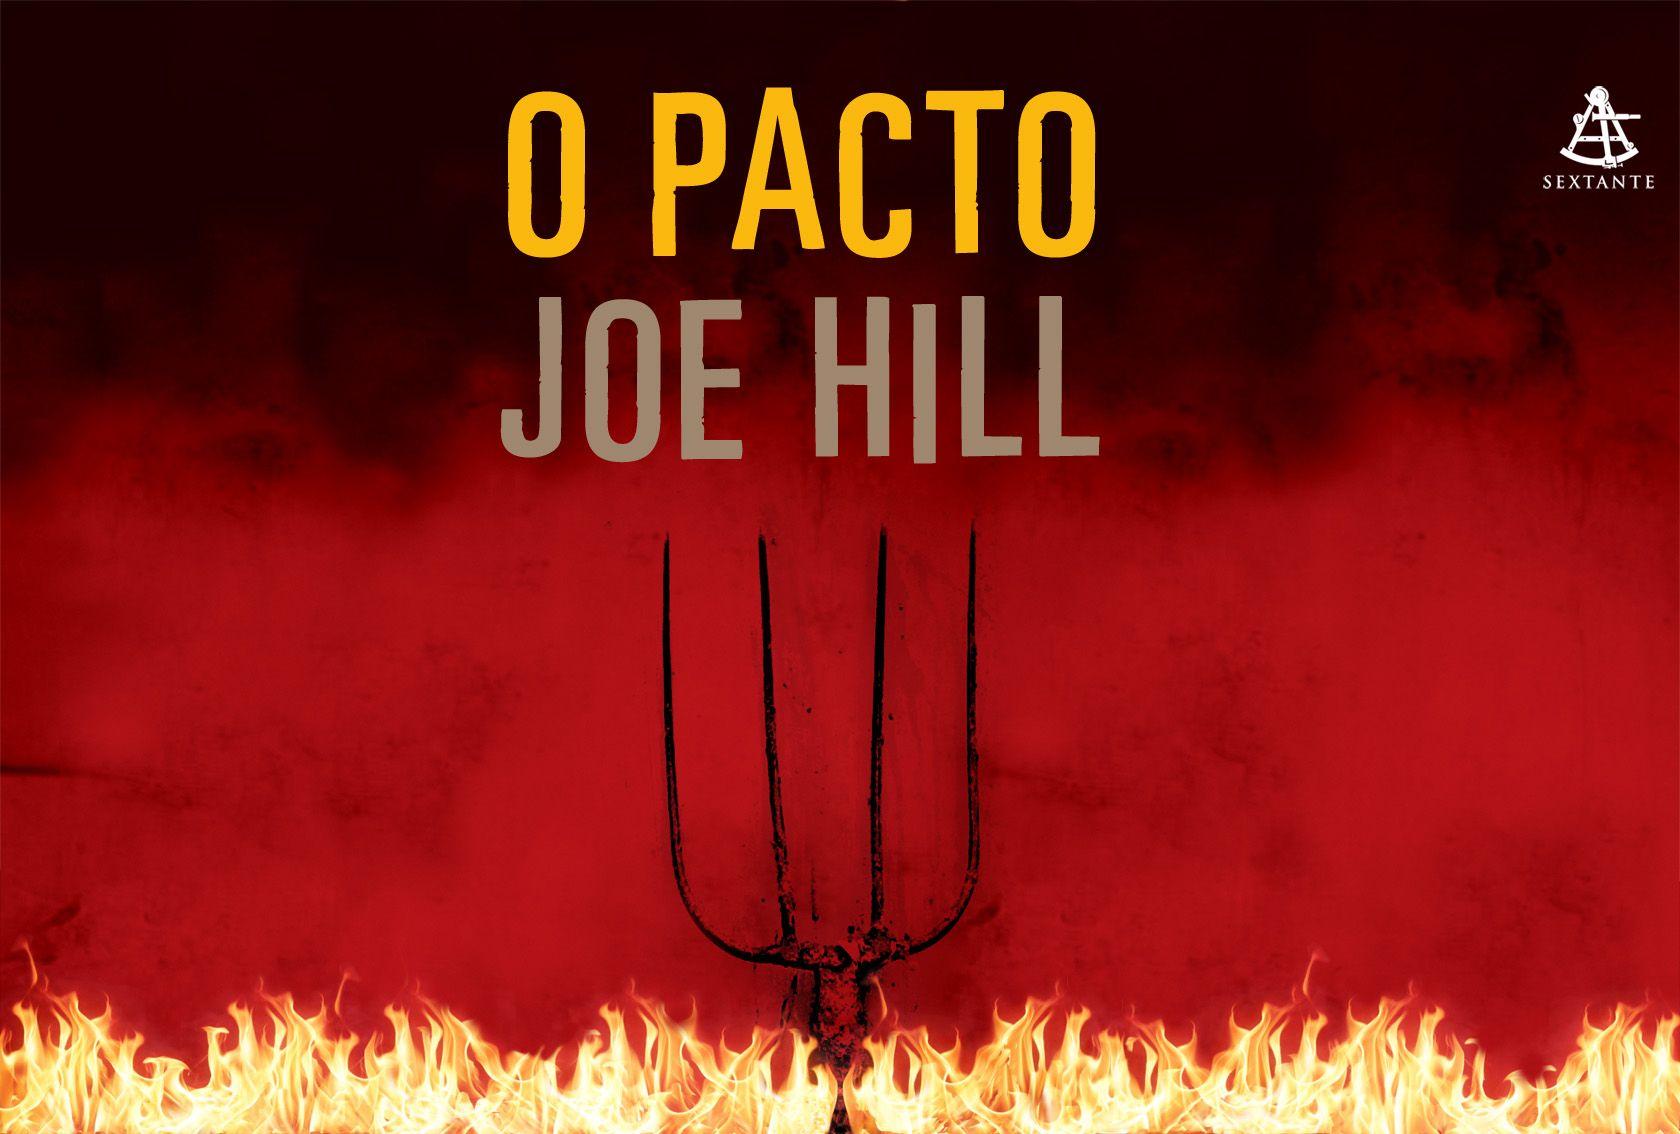 O pacto; O amaldiçoado. Joe Hill. O pacto